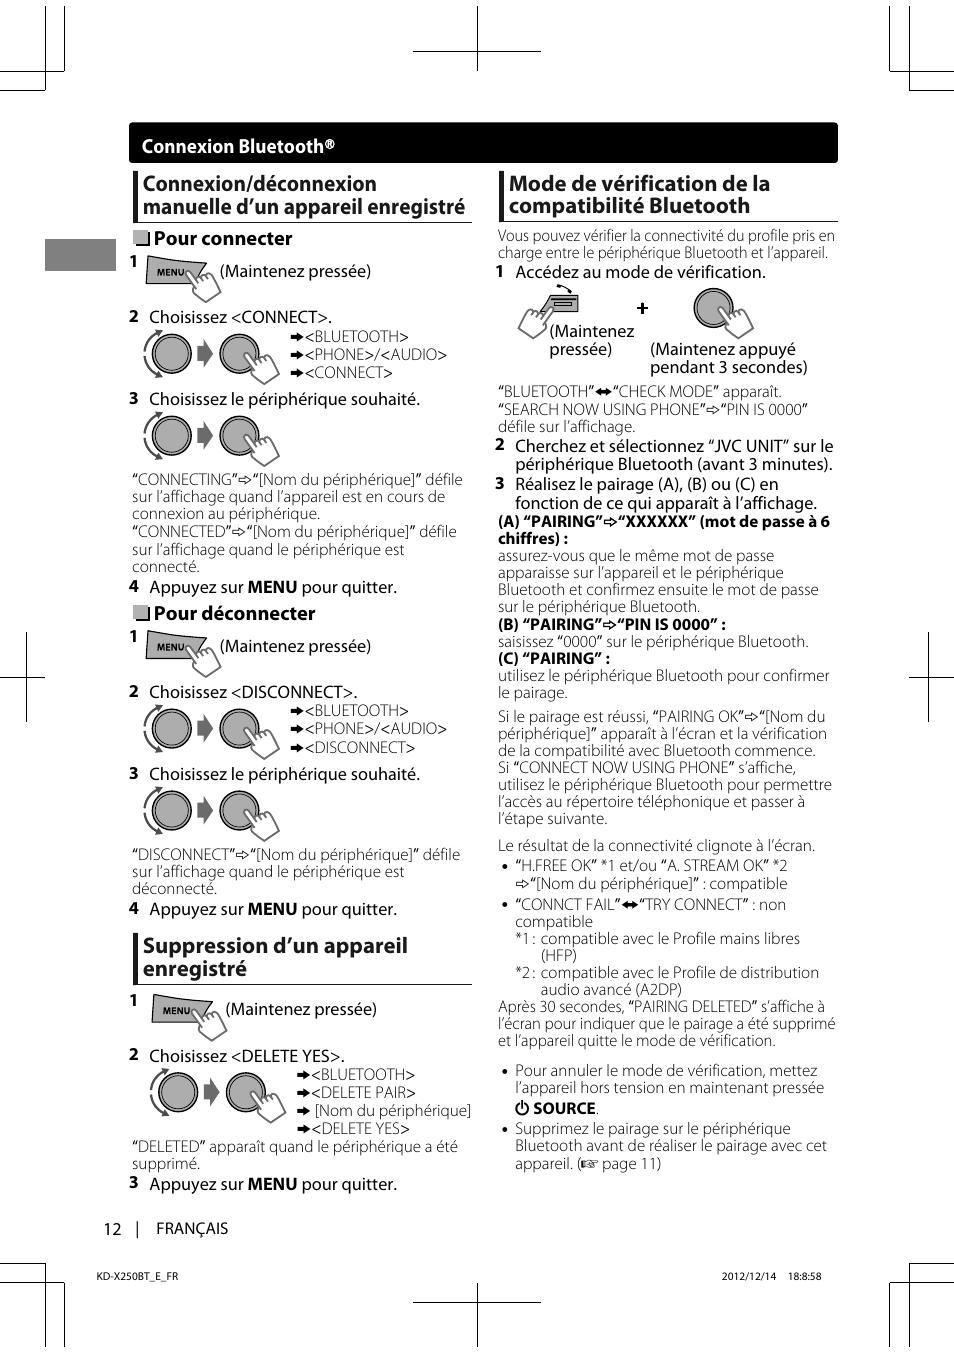 Suppression d'un appareil enregistré, Mode de vérification